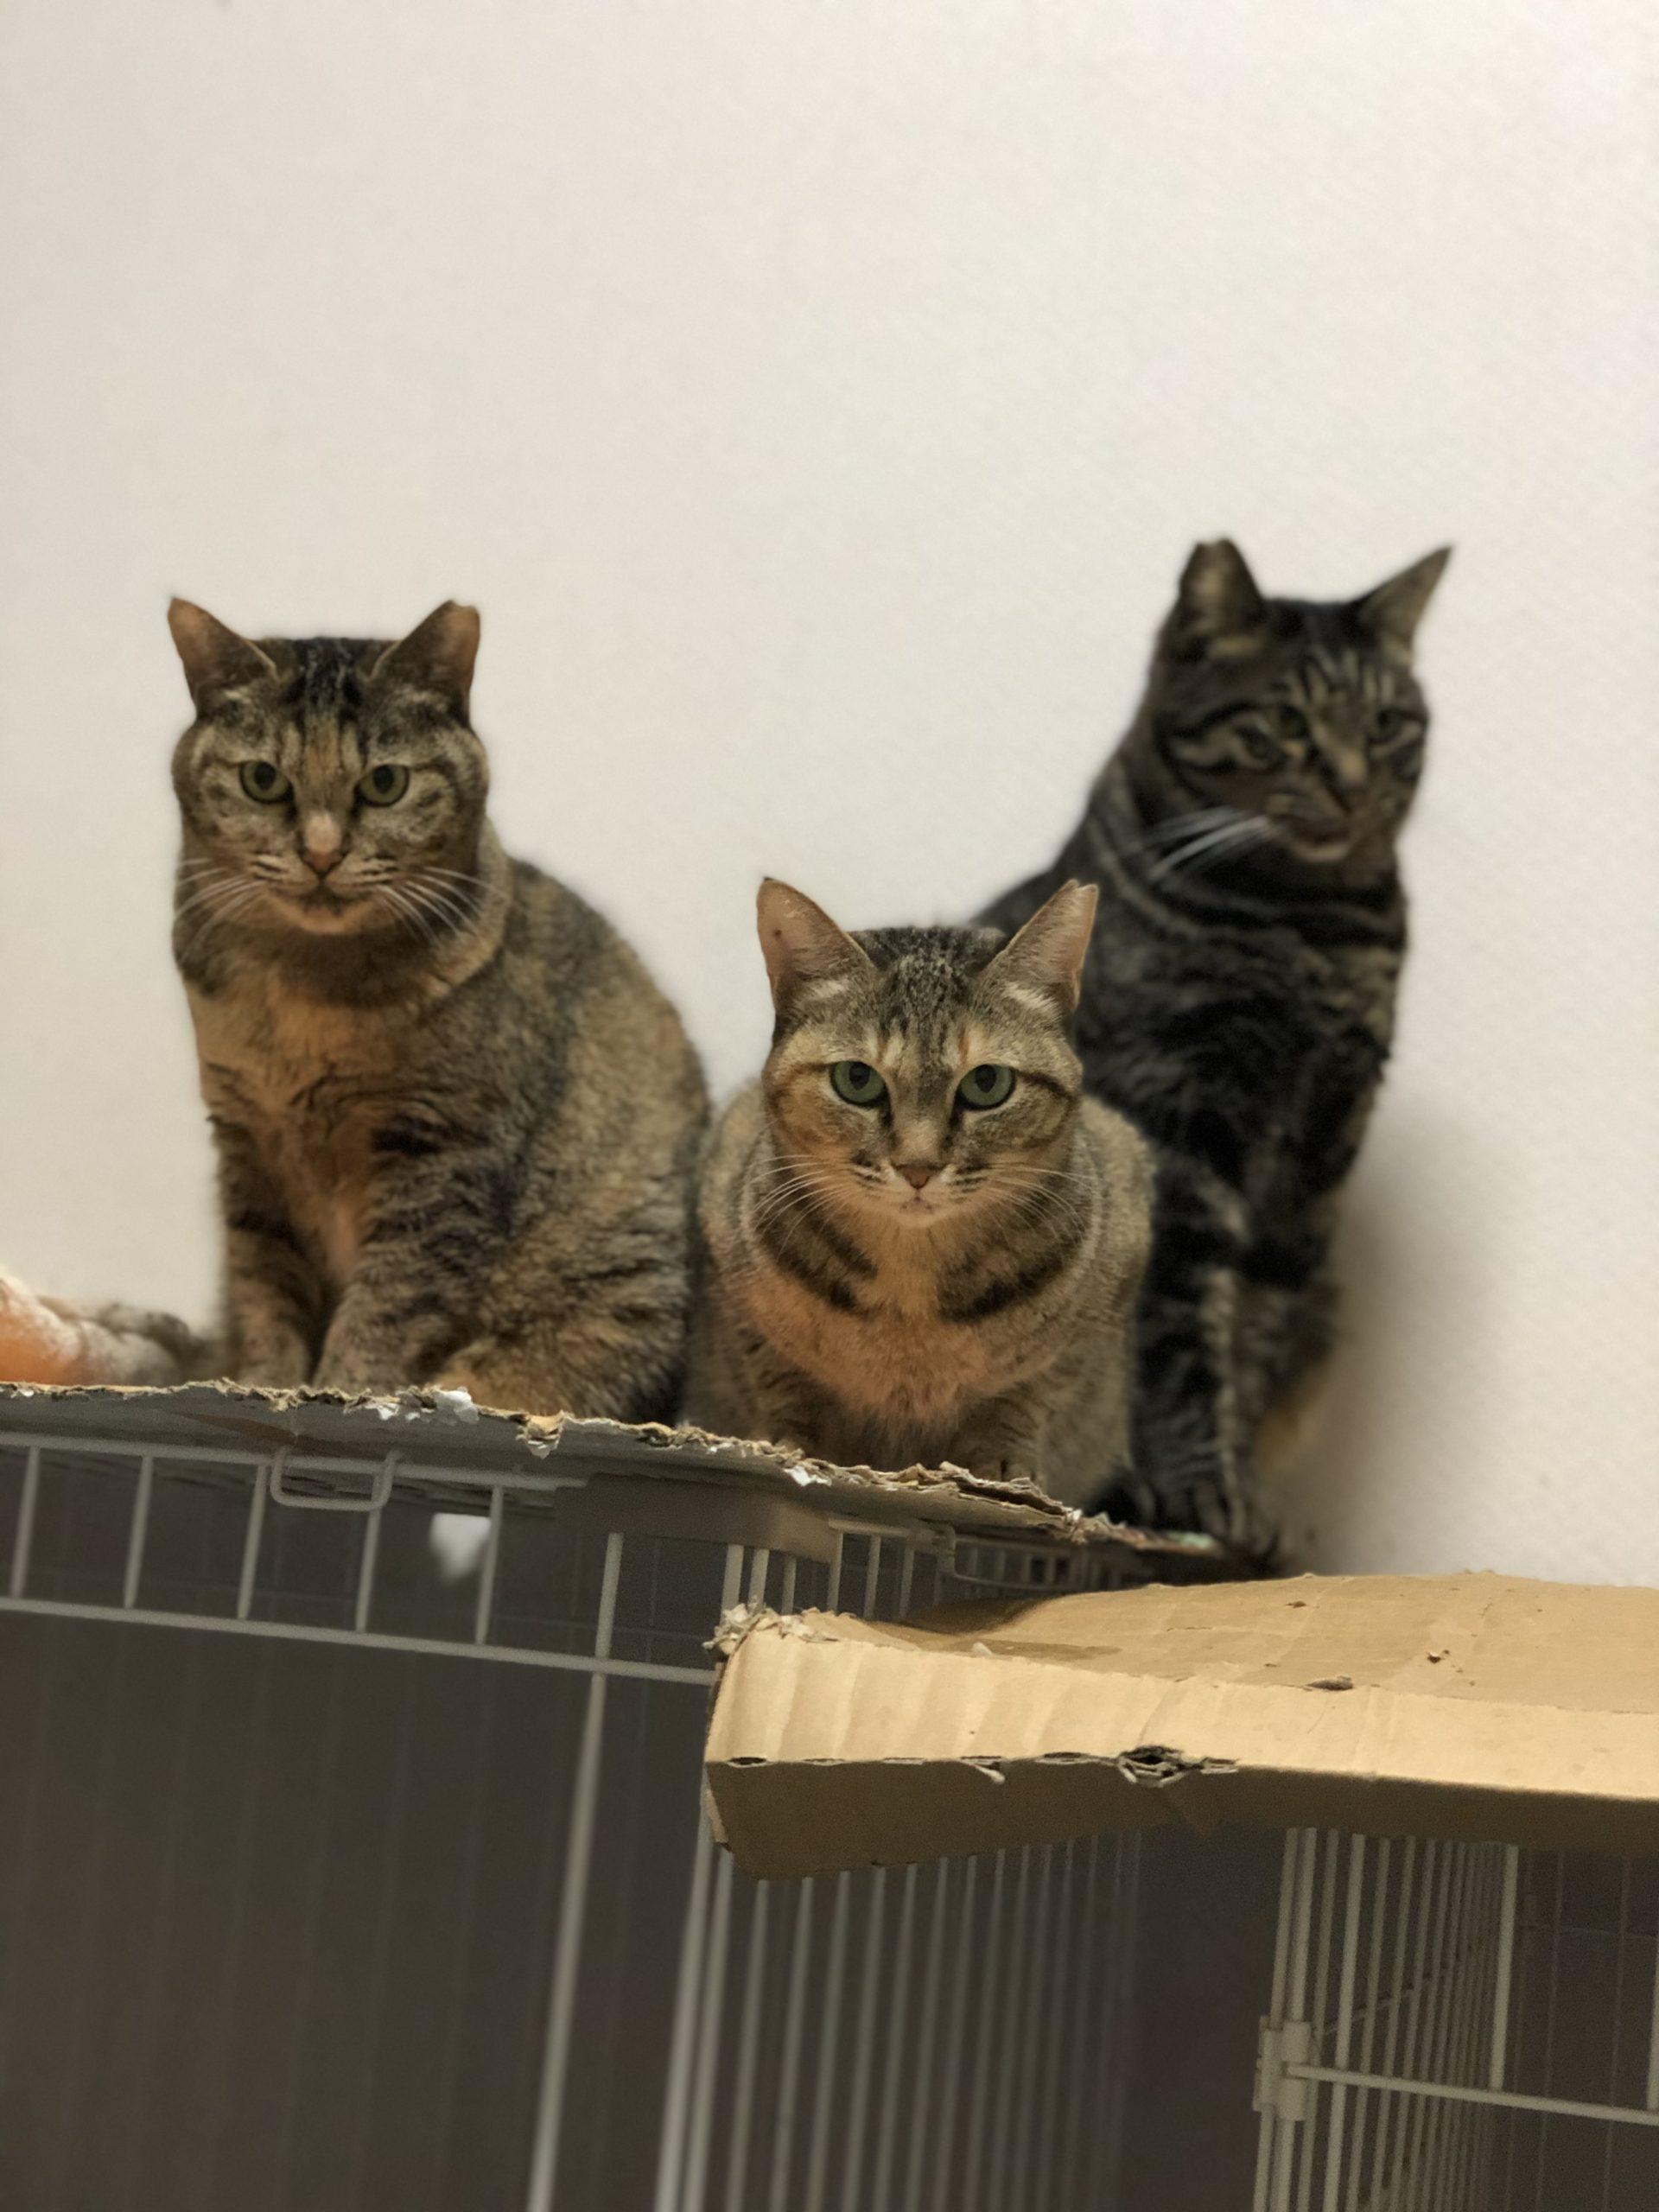 飼い主がいないというだけで、殺処分されてしまうたくさんの猫達。そしてそのほとんどが、幼い小さな子猫達です。こうした不幸な子猫達をこれ以上生み出さないために「動物愛護基金」は飼い主のいない猫達の不妊手術費用に使われています。